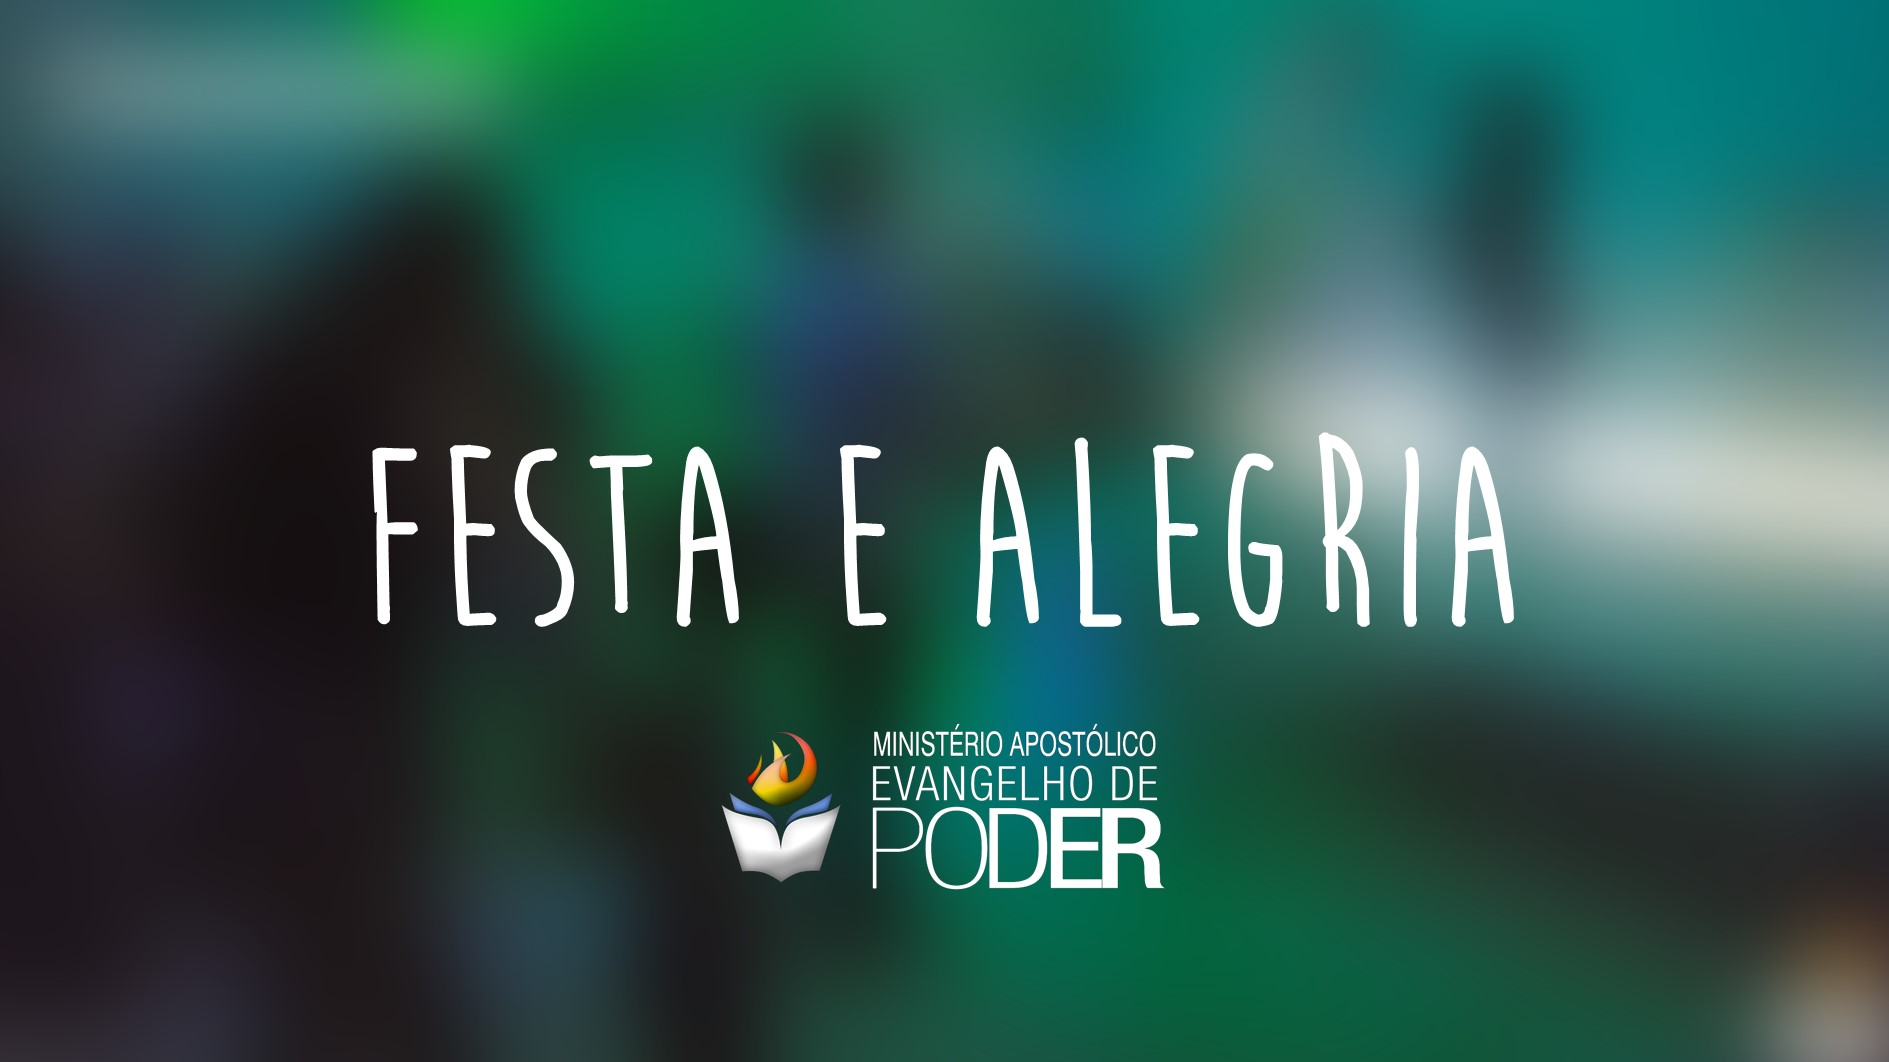 FESTA E ALEGRIA - DANÇA, ALEGRIA, PROFECIA - PÁSCOA 2017